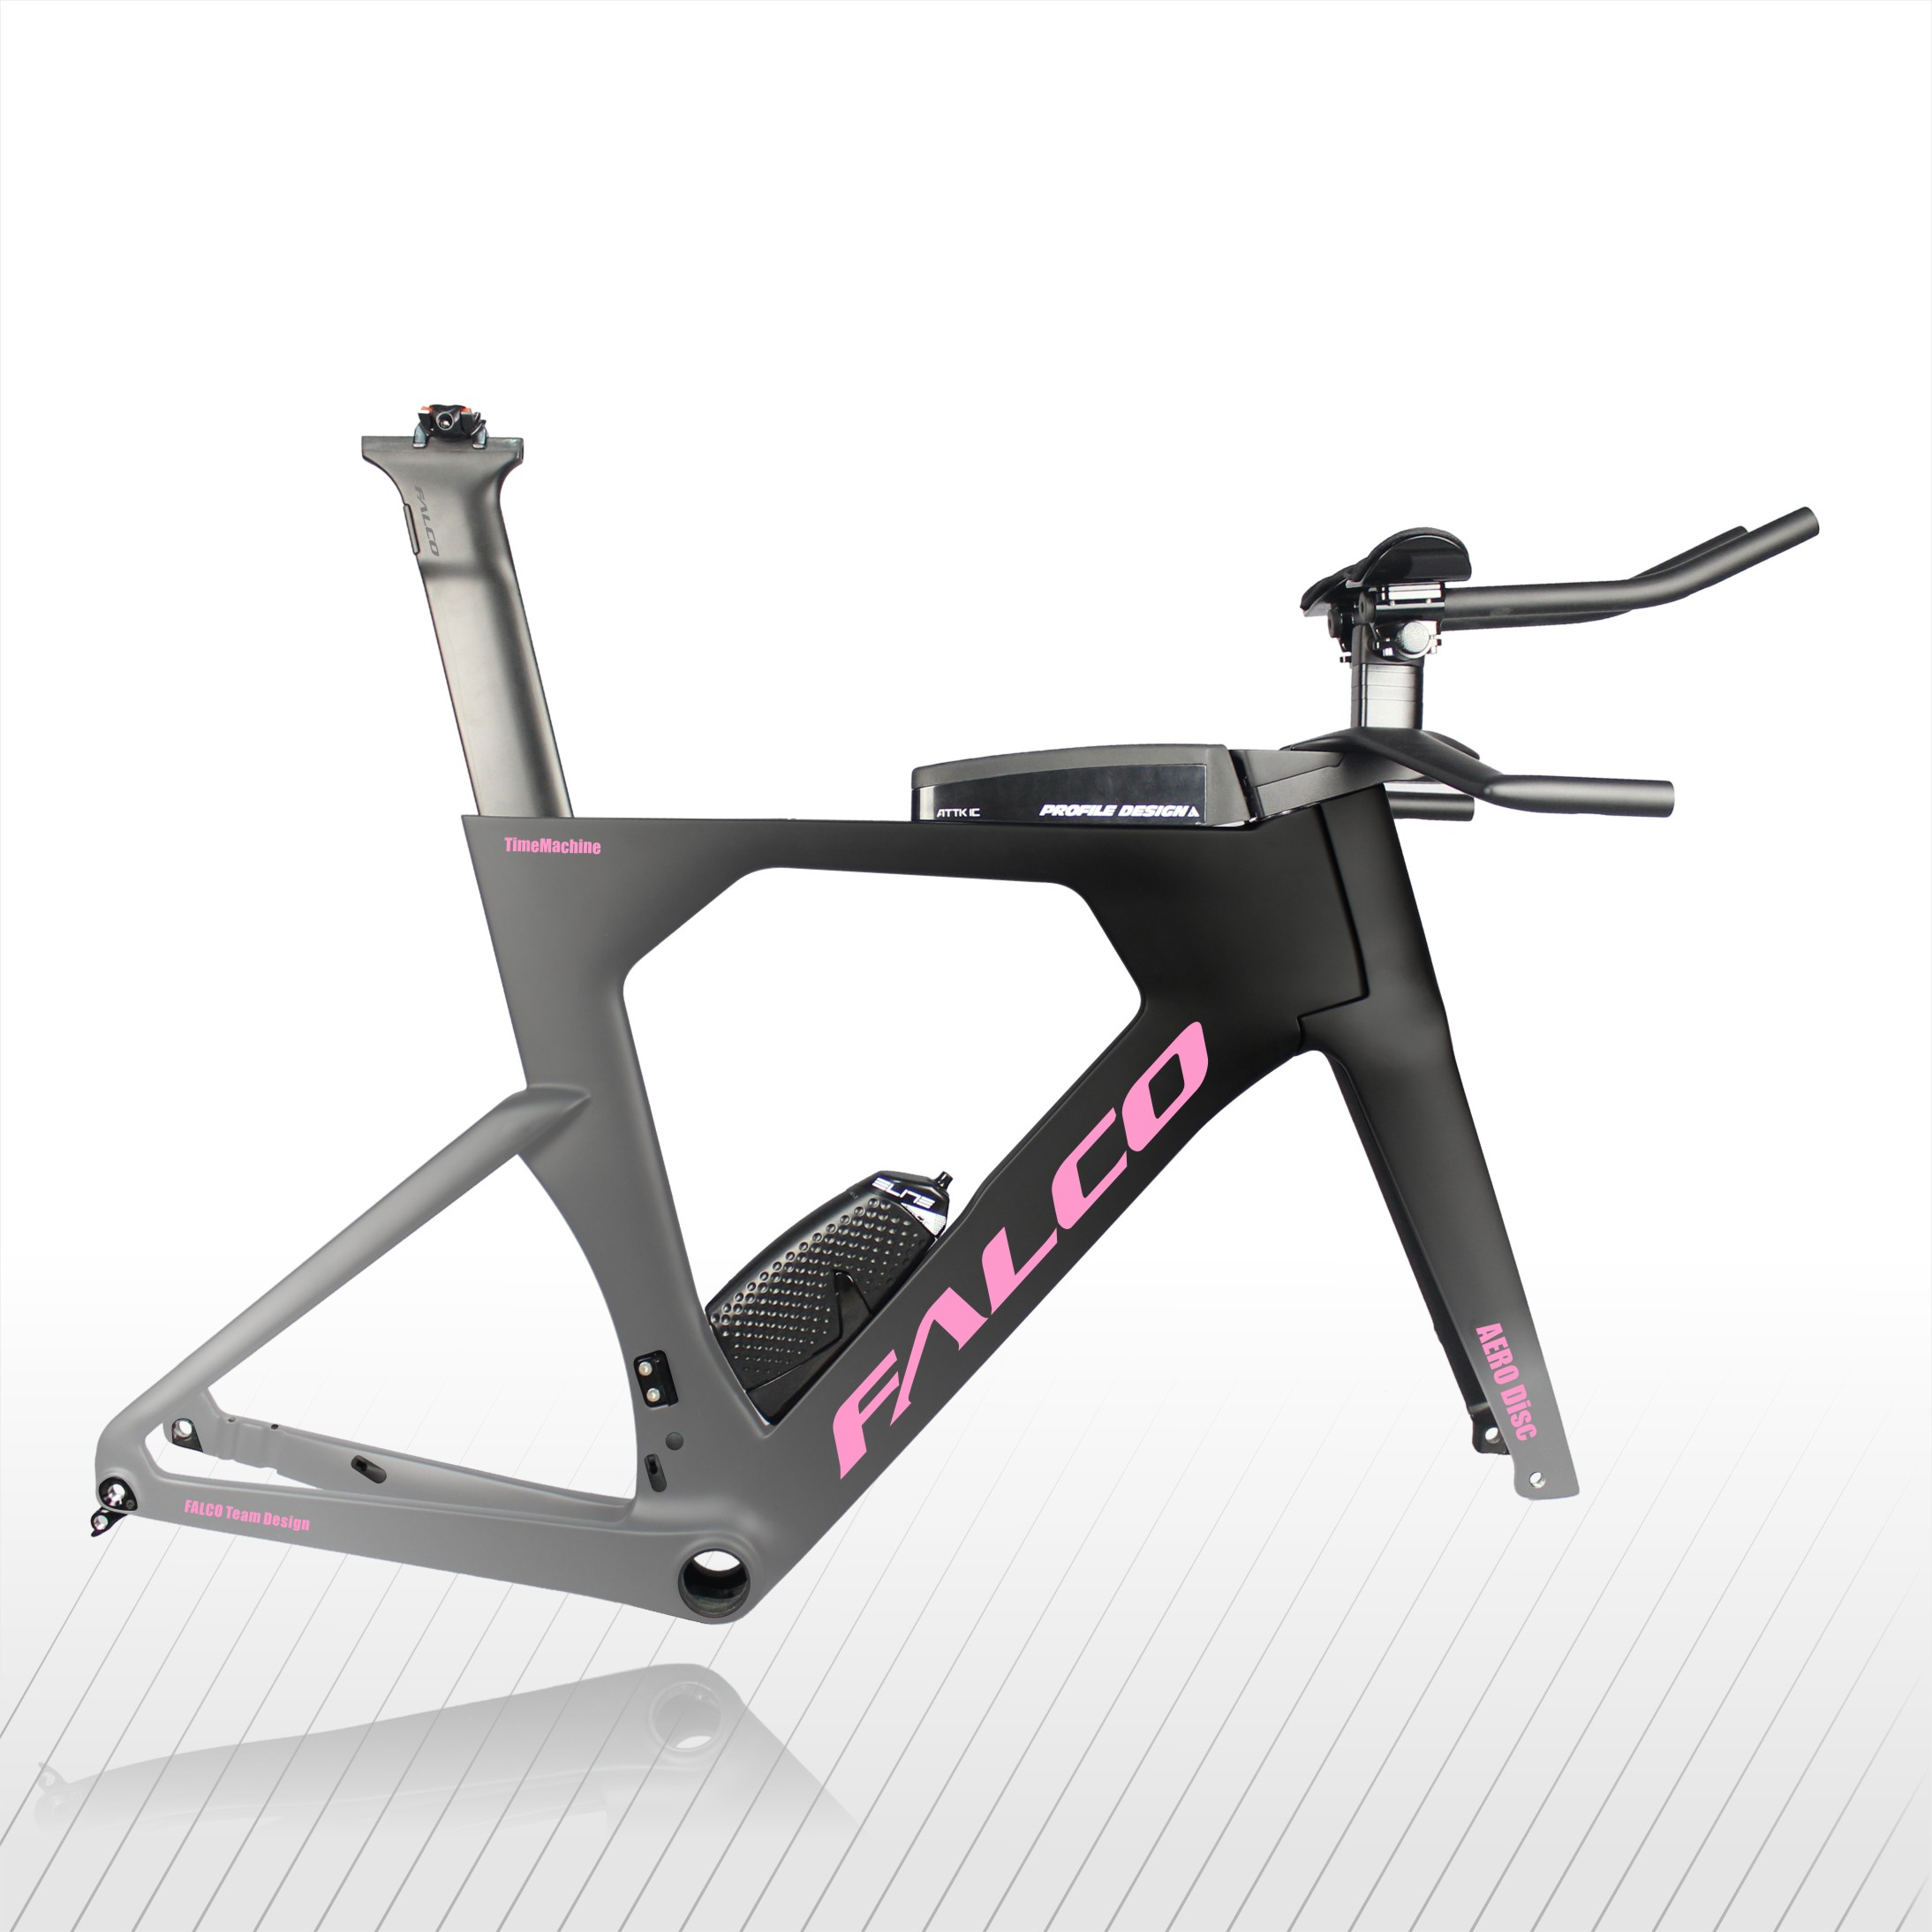 FALCO Aero triathlon vélos DI 2 fibre de carbone TT01 48/52/54/56/58cm carbone chinois tt cadre 700c contre la montre cadre TT912